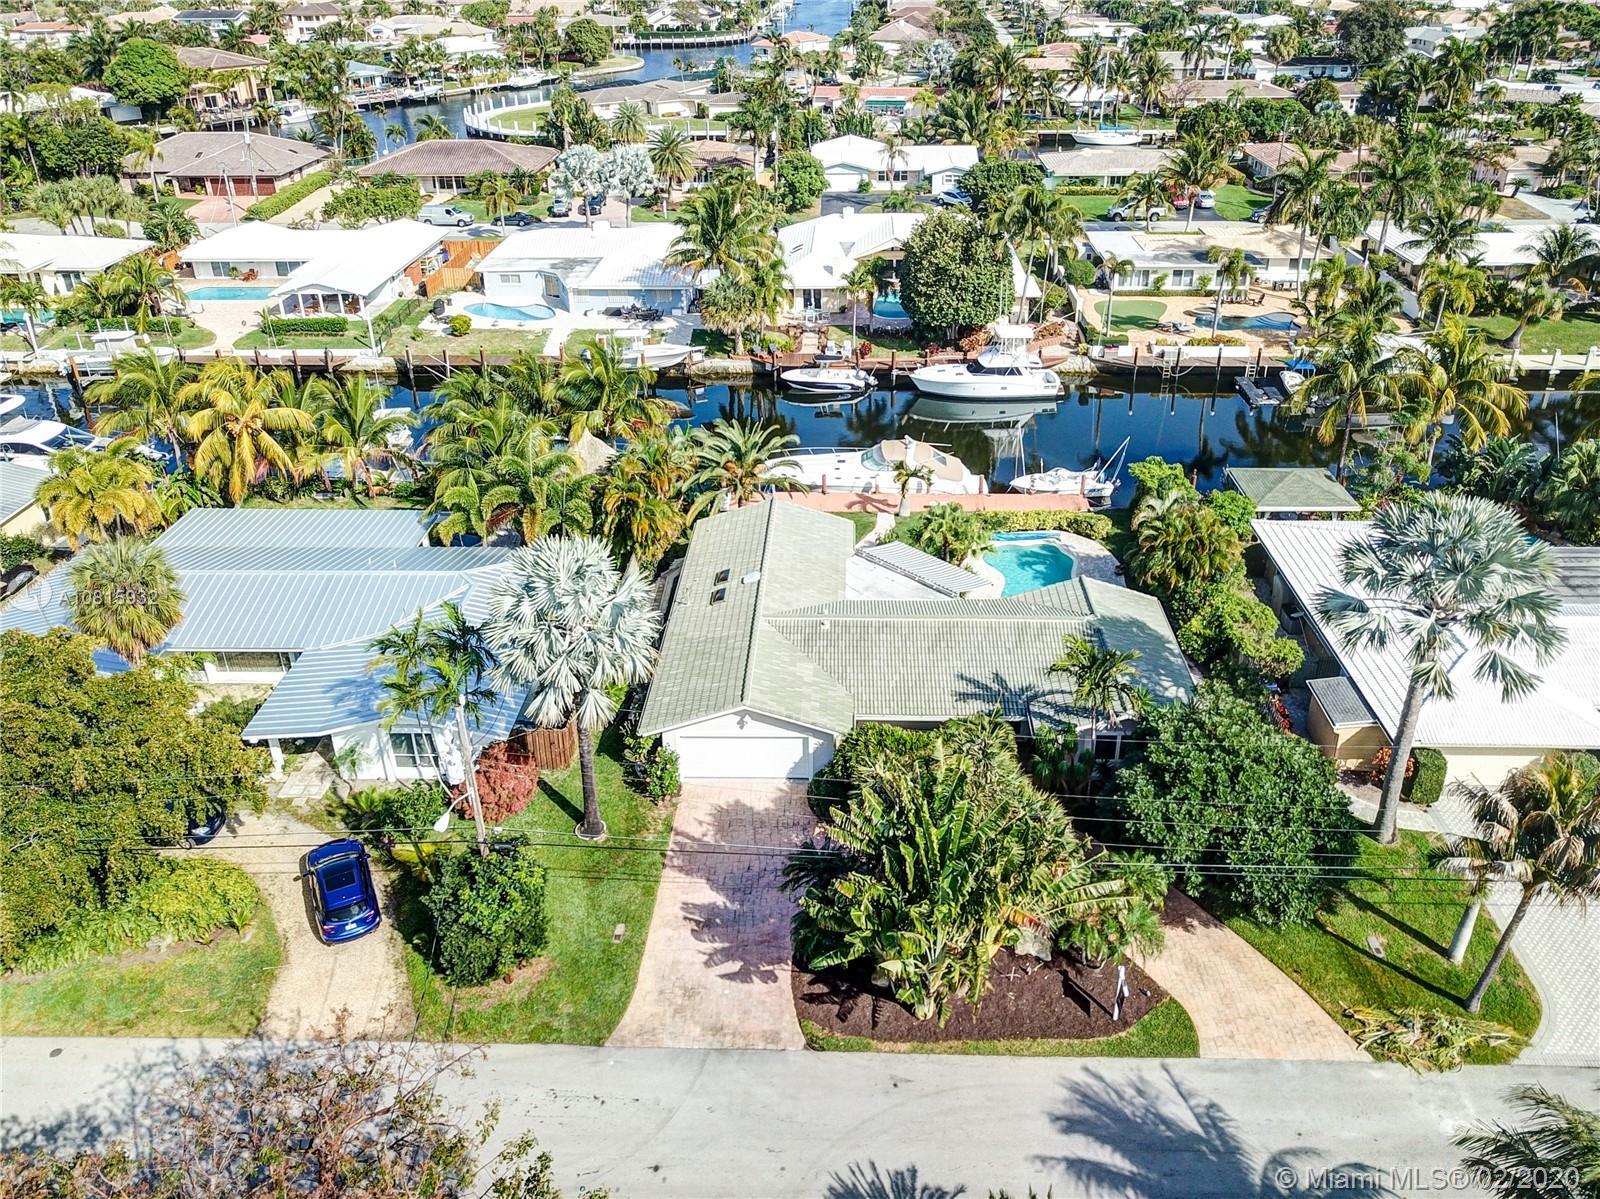 1238 SE 12th Ter, Deerfield Beach, FL 33441 - Deerfield Beach, FL real estate listing